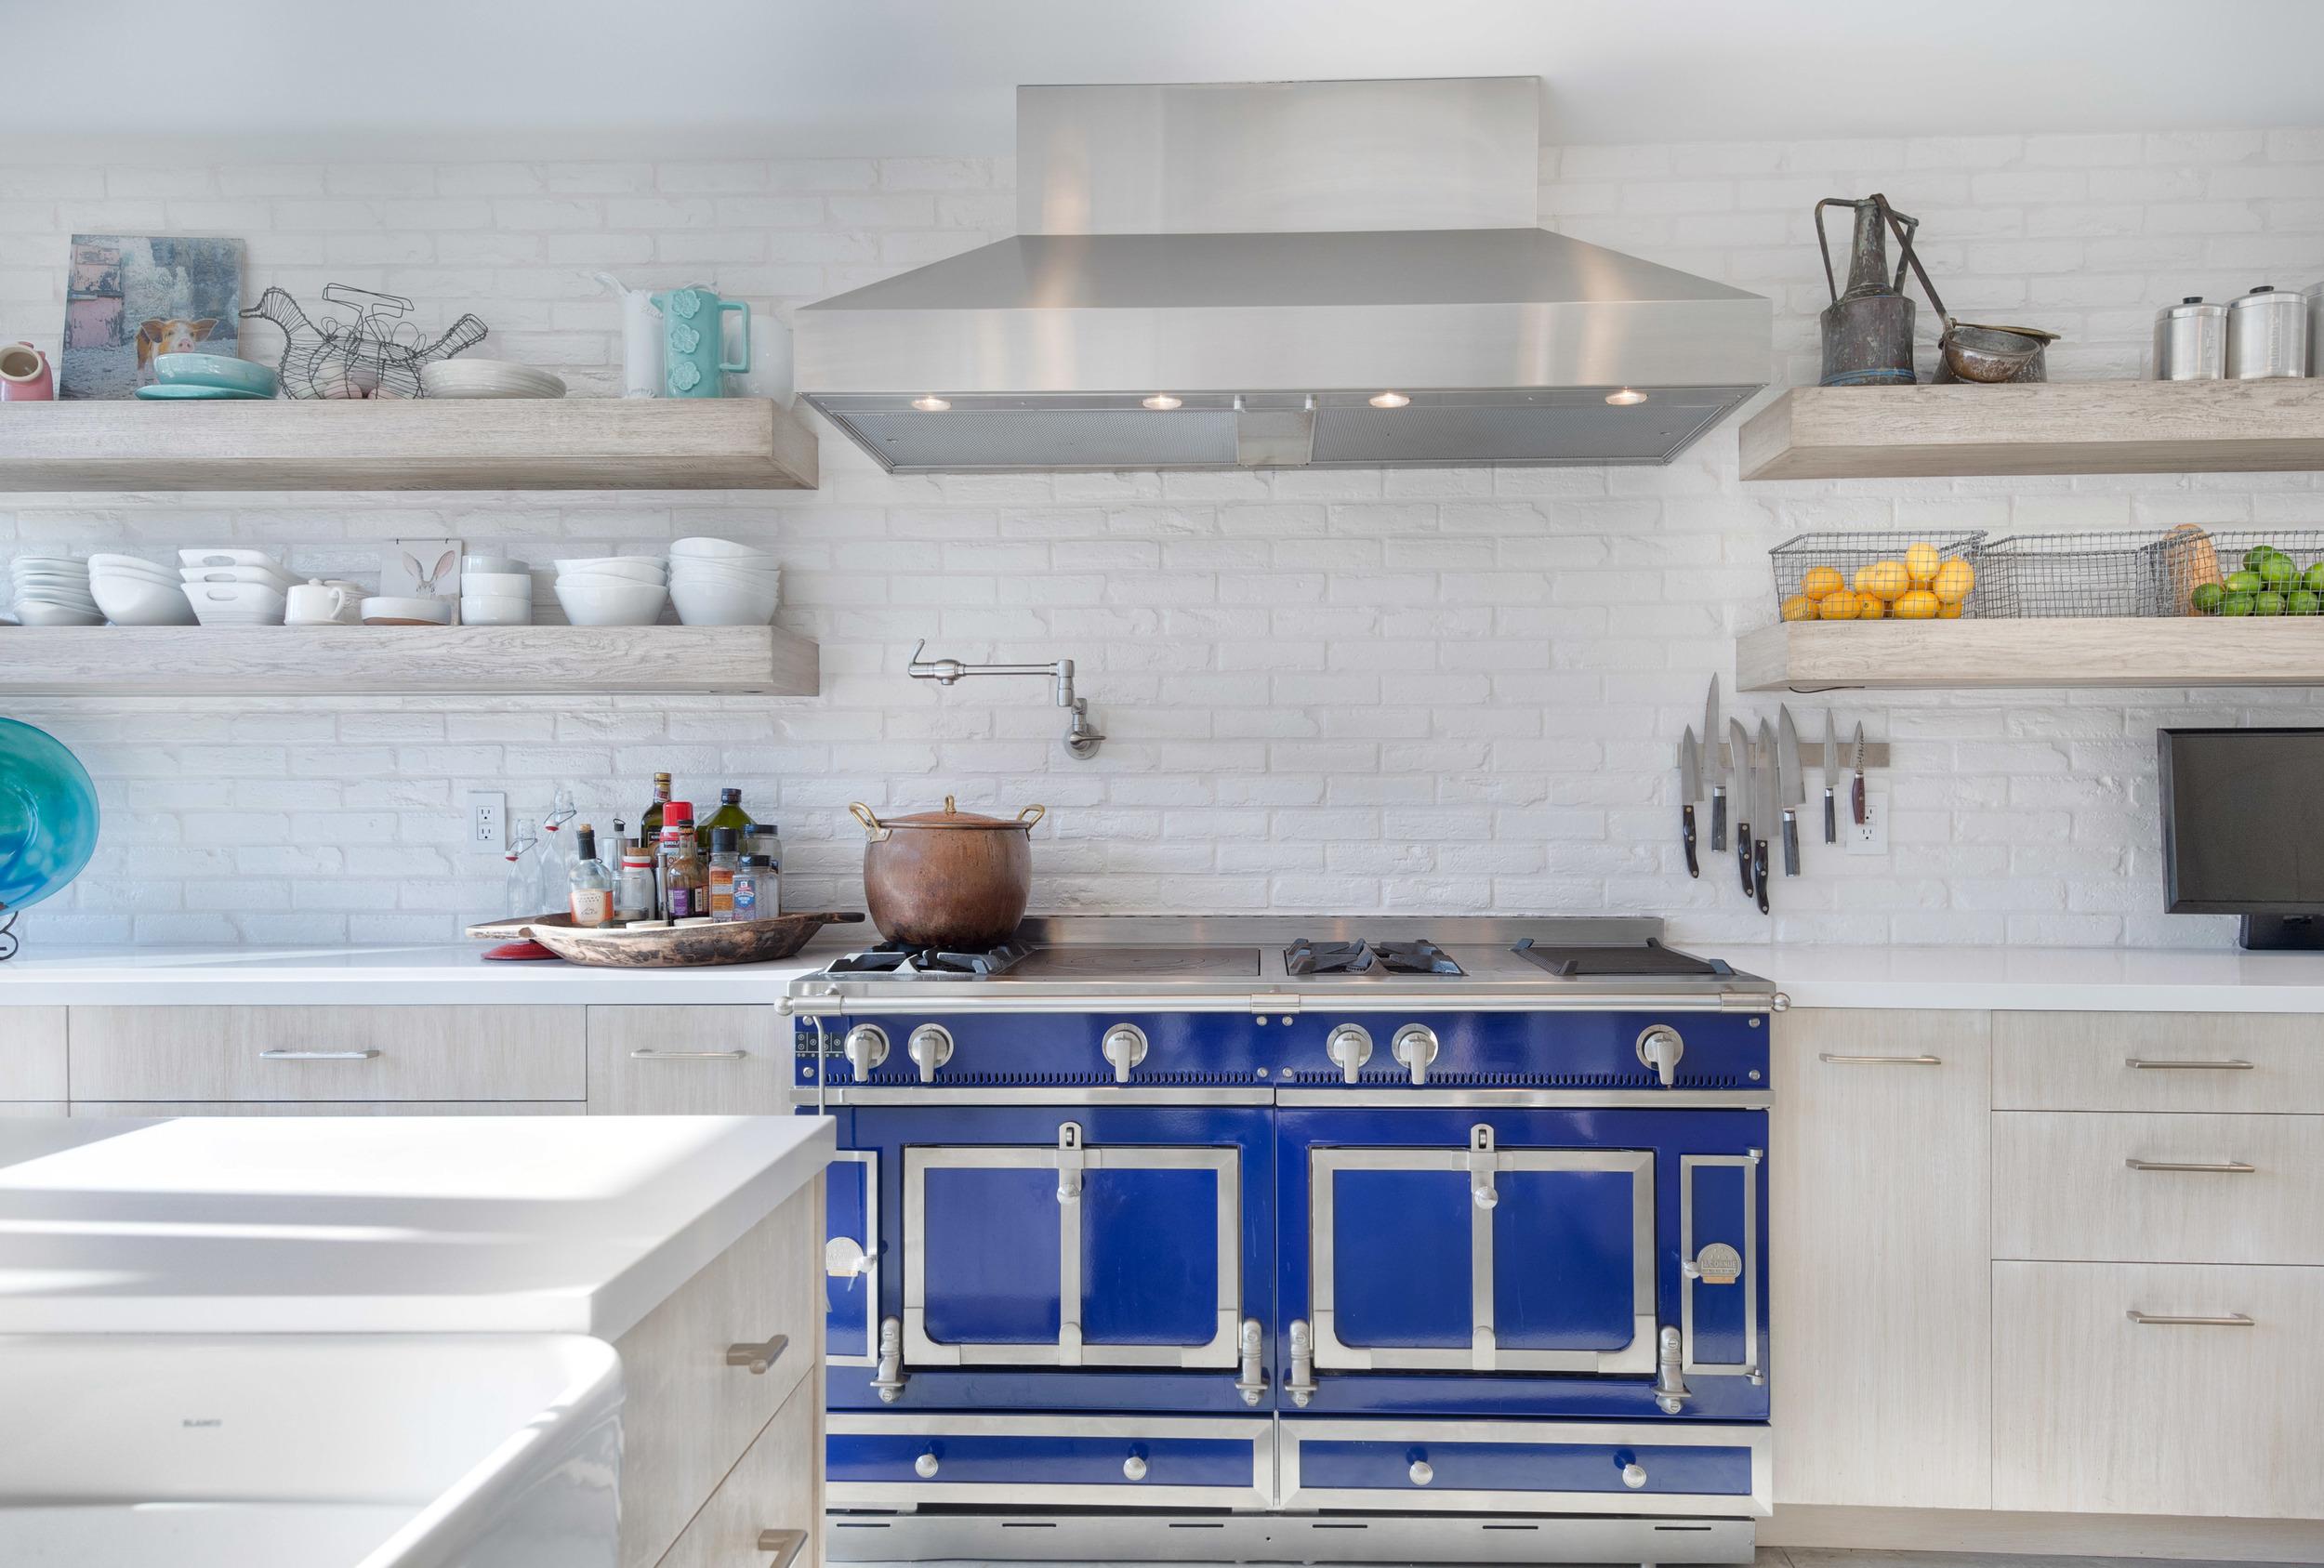 Kitchen Trends Making a Splash in 2016